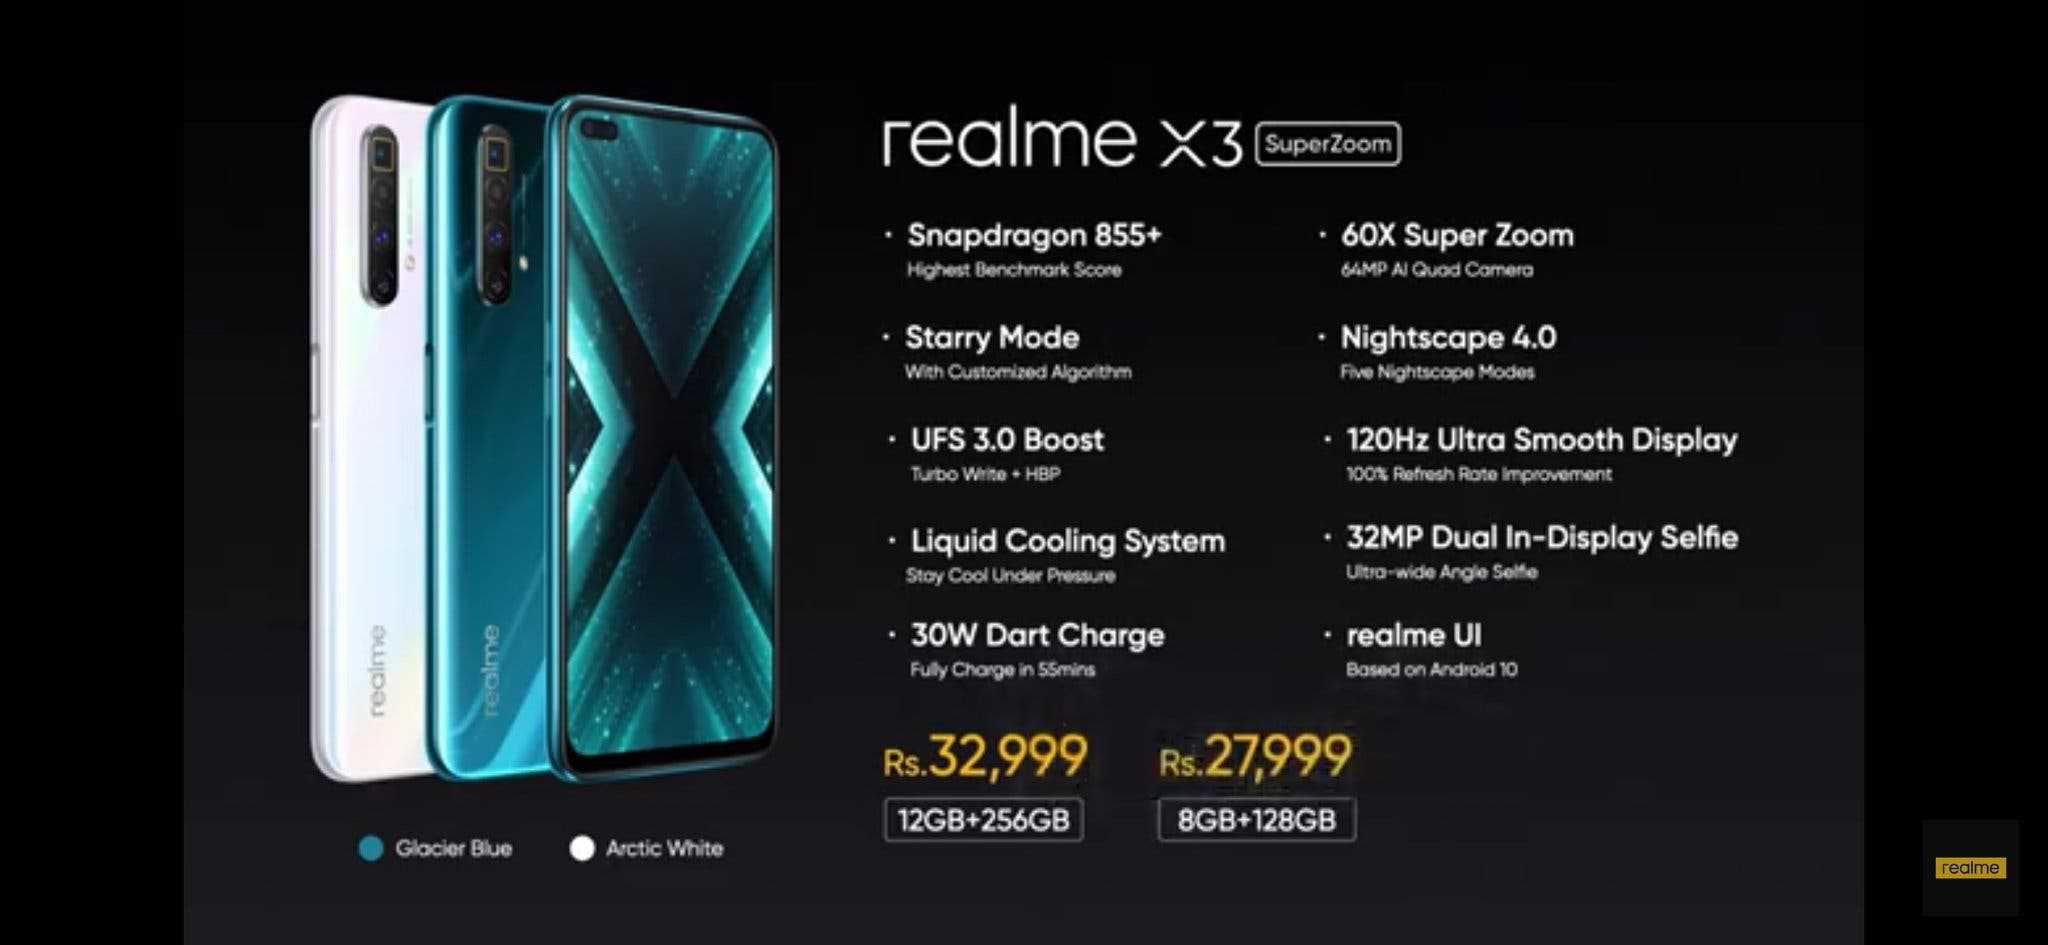 realme x3 prices